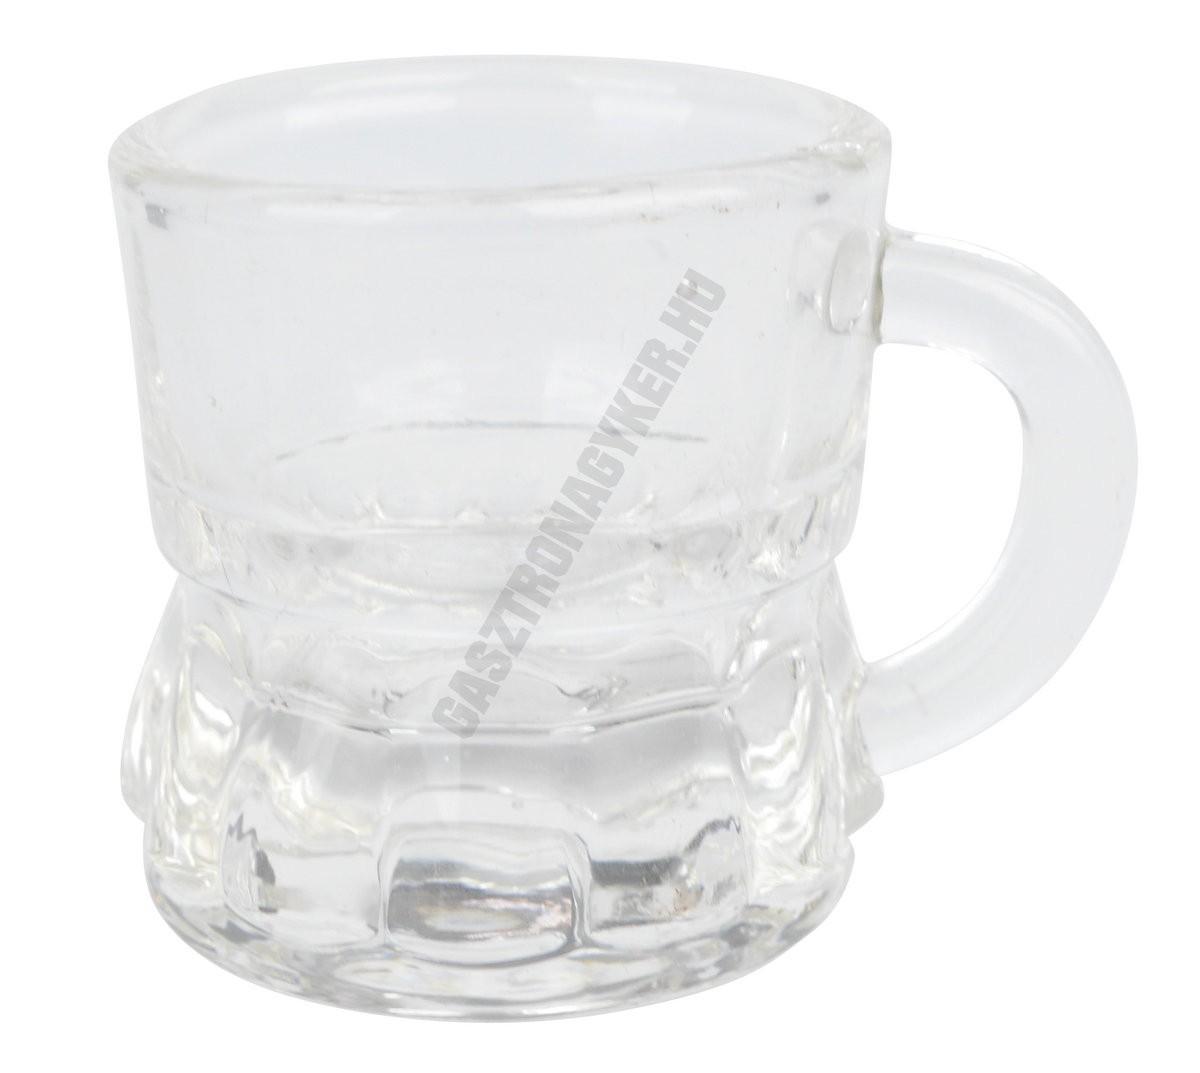 Snapszos-pálinkás pohár 25 ml füles, üveg